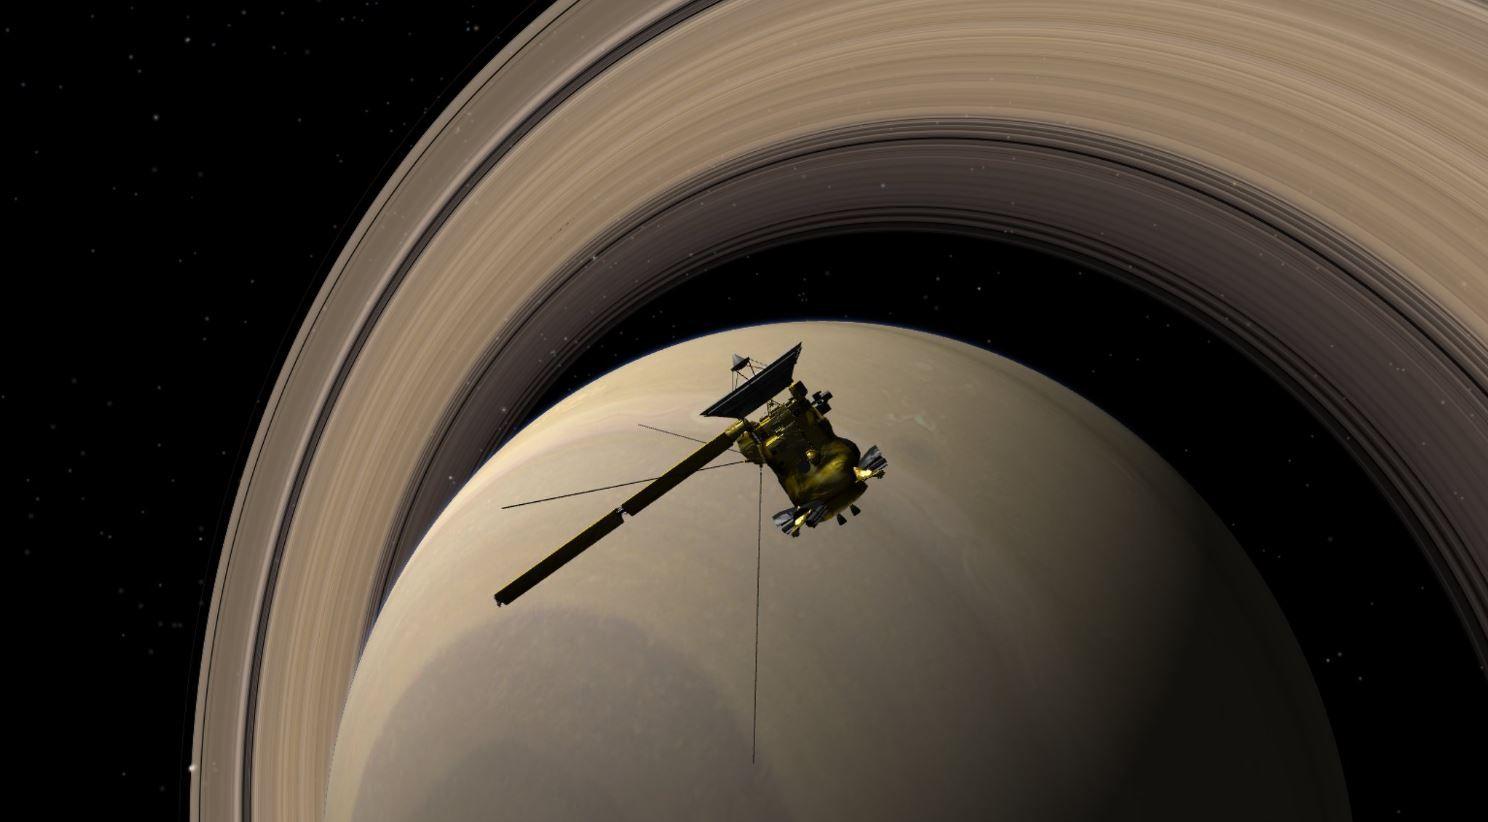 На орбите Сатурна зонд находился на протяжении 13 лет / скриншот УНИАН